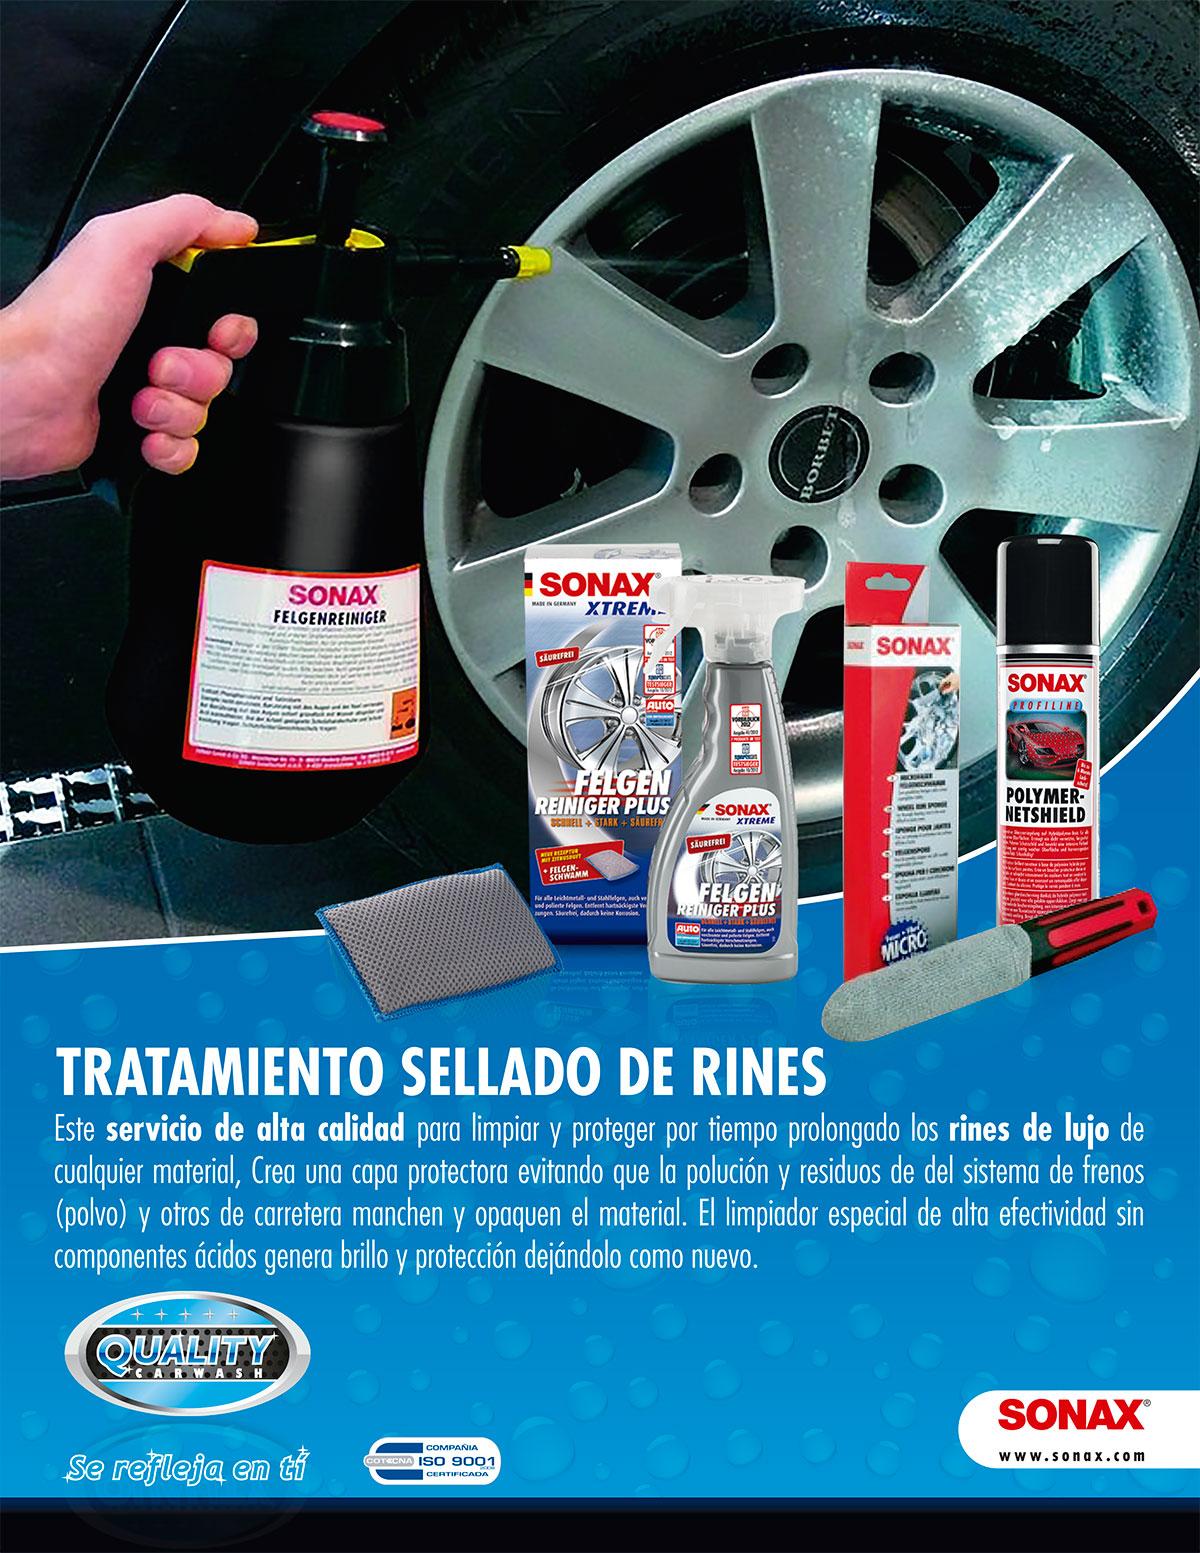 tratamiento_sellado_rines_cr